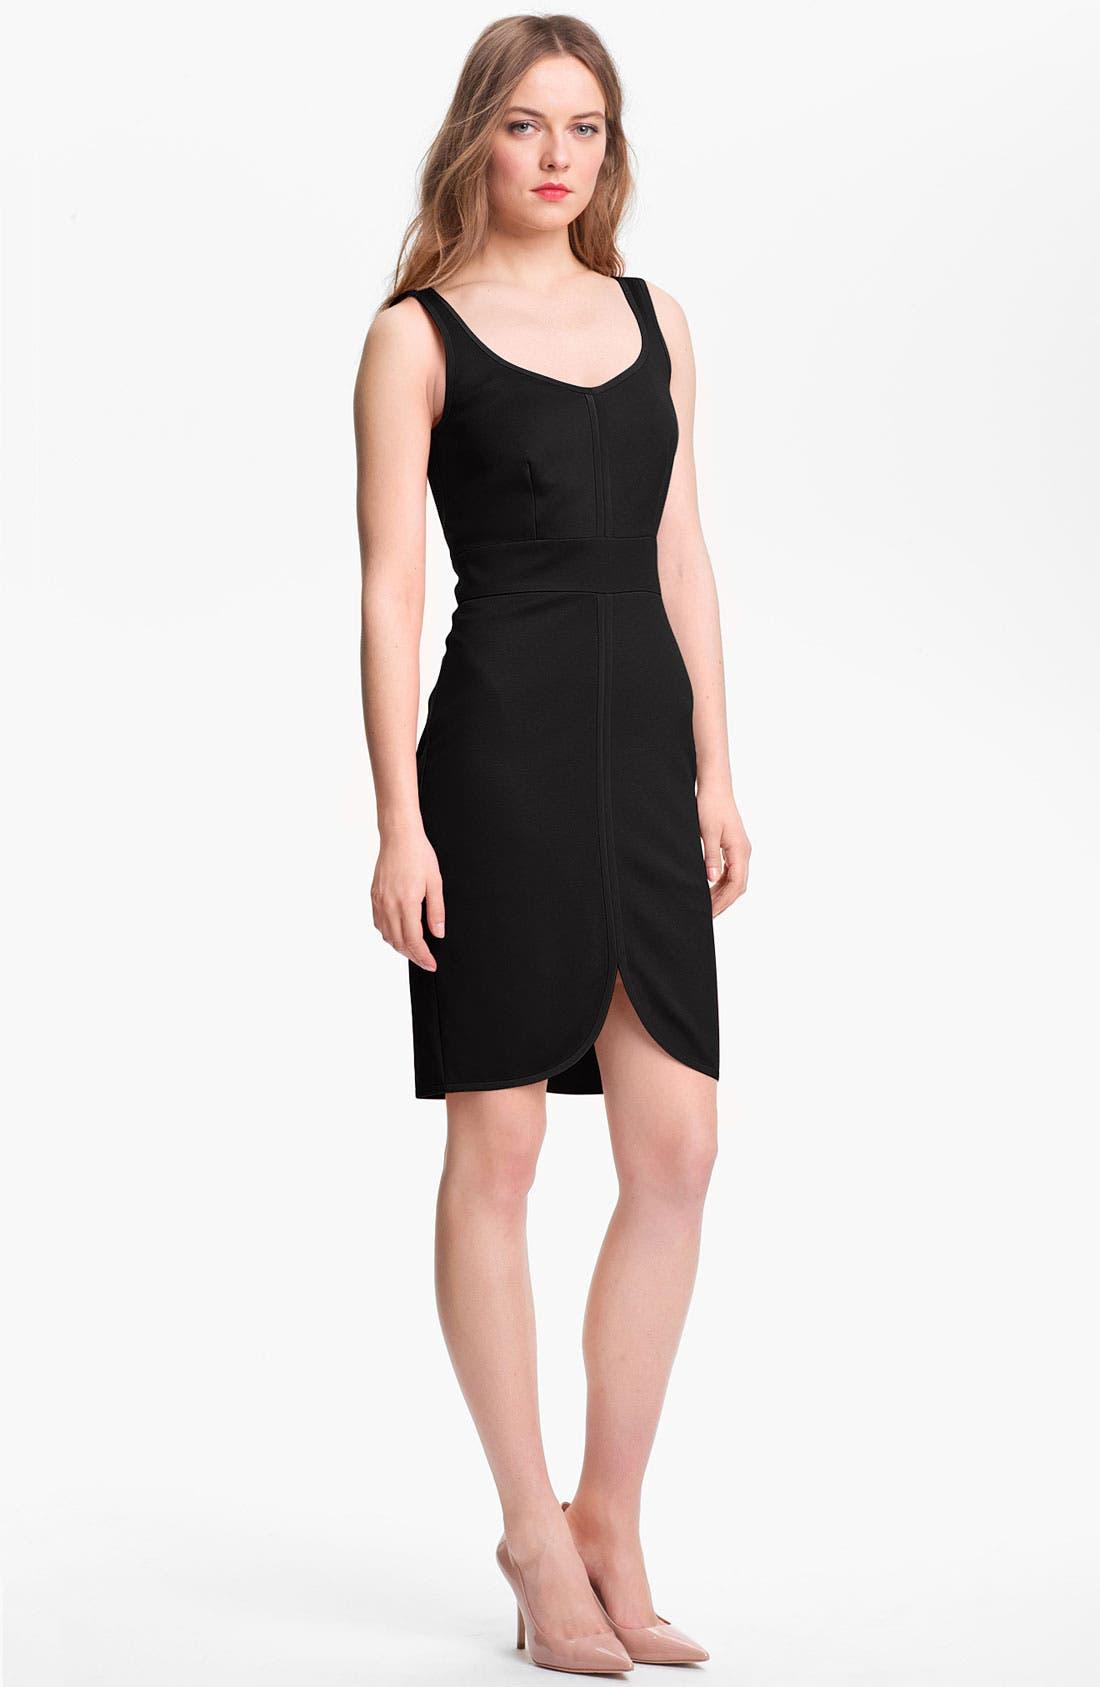 Alternate Image 1  - Trina Turk 'In Love' Stretch Sheath Dress